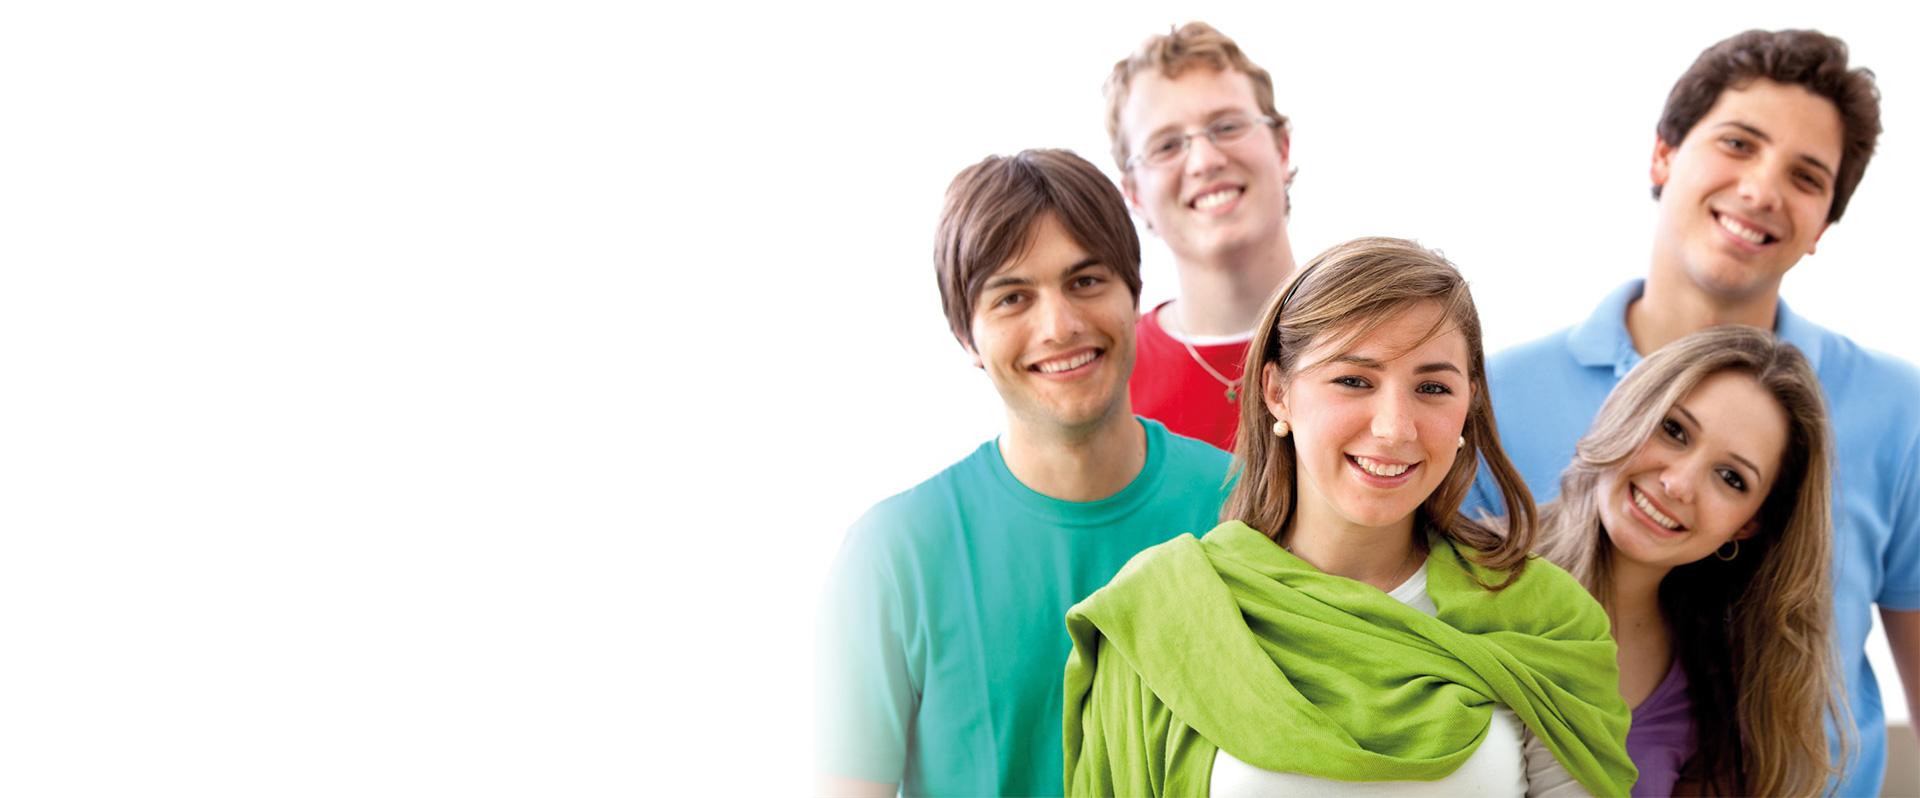 Fremdsprachenschule Landshut - Schüler